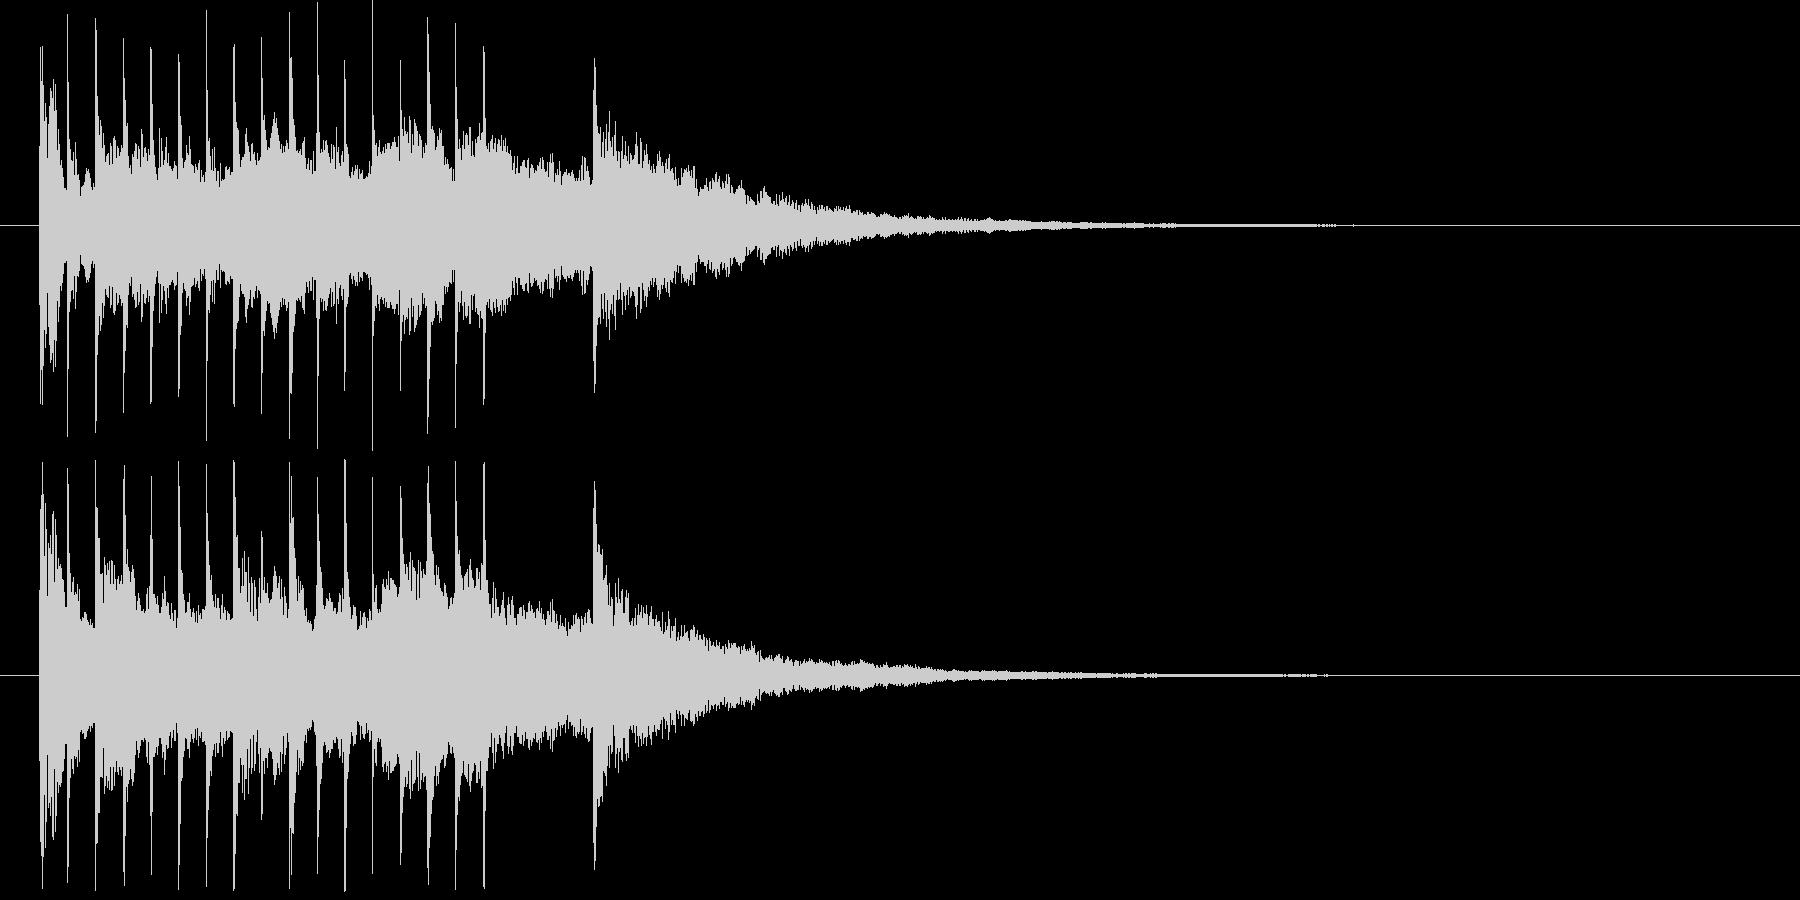 清涼感ある企業向けジングルサウンドロゴ8の未再生の波形